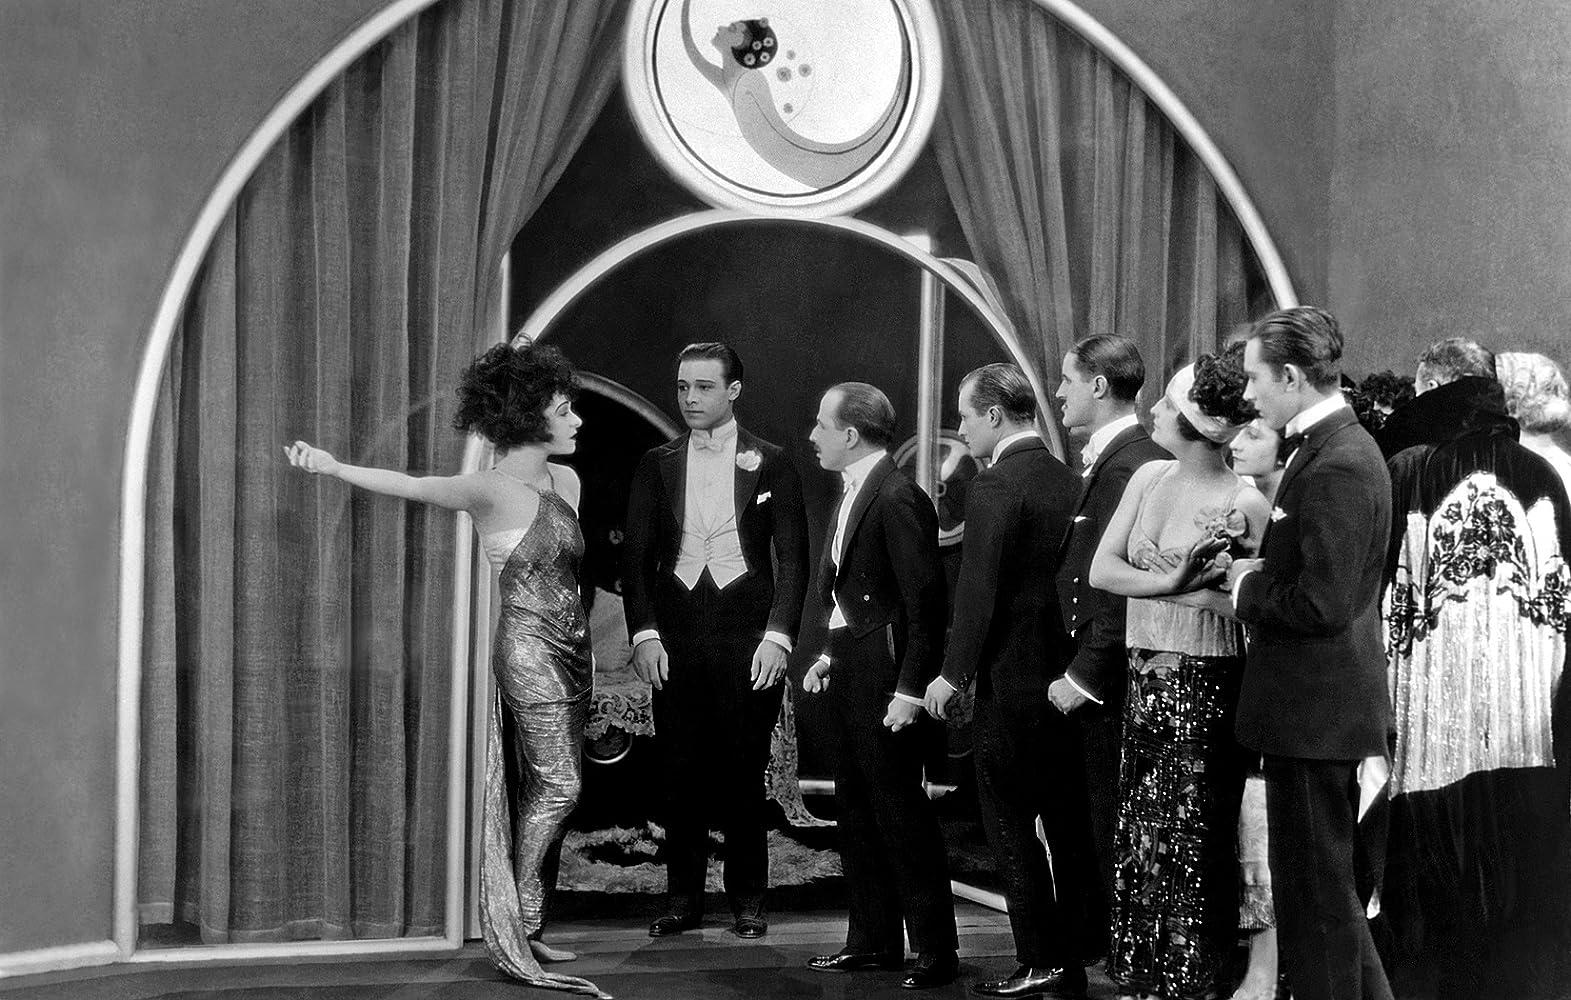 Alla Nazimova nude (53 pics) Video, 2020, butt